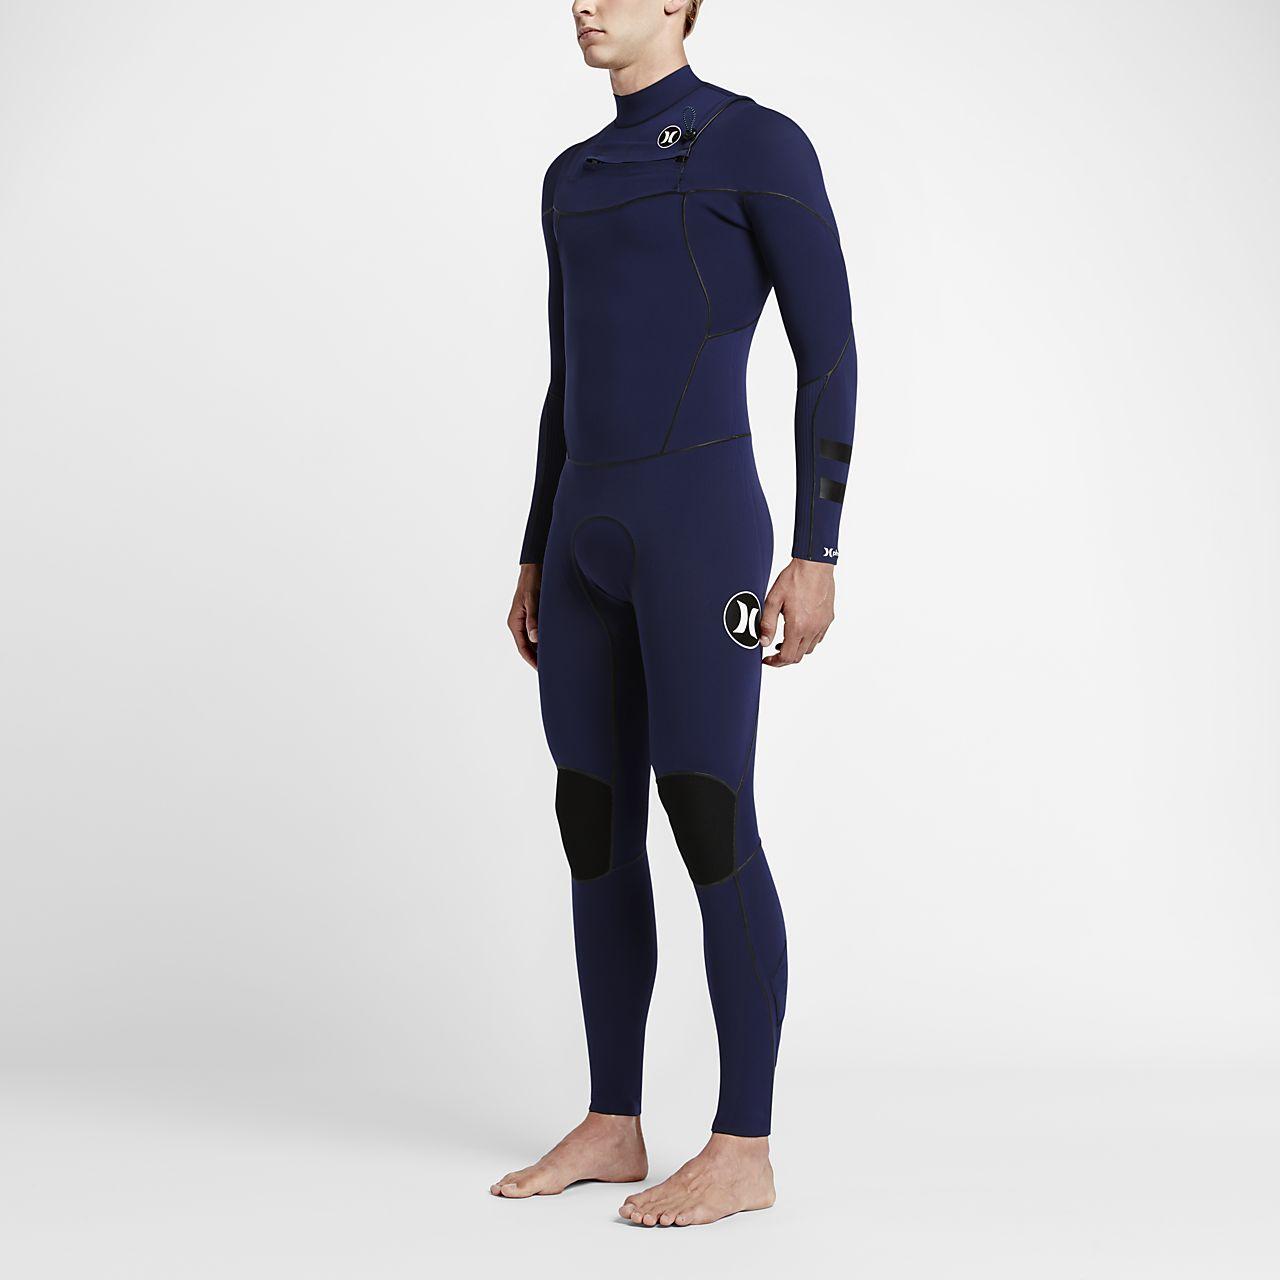 ... Hurley Phantom 303 Fullsuit Men's Wetsuit